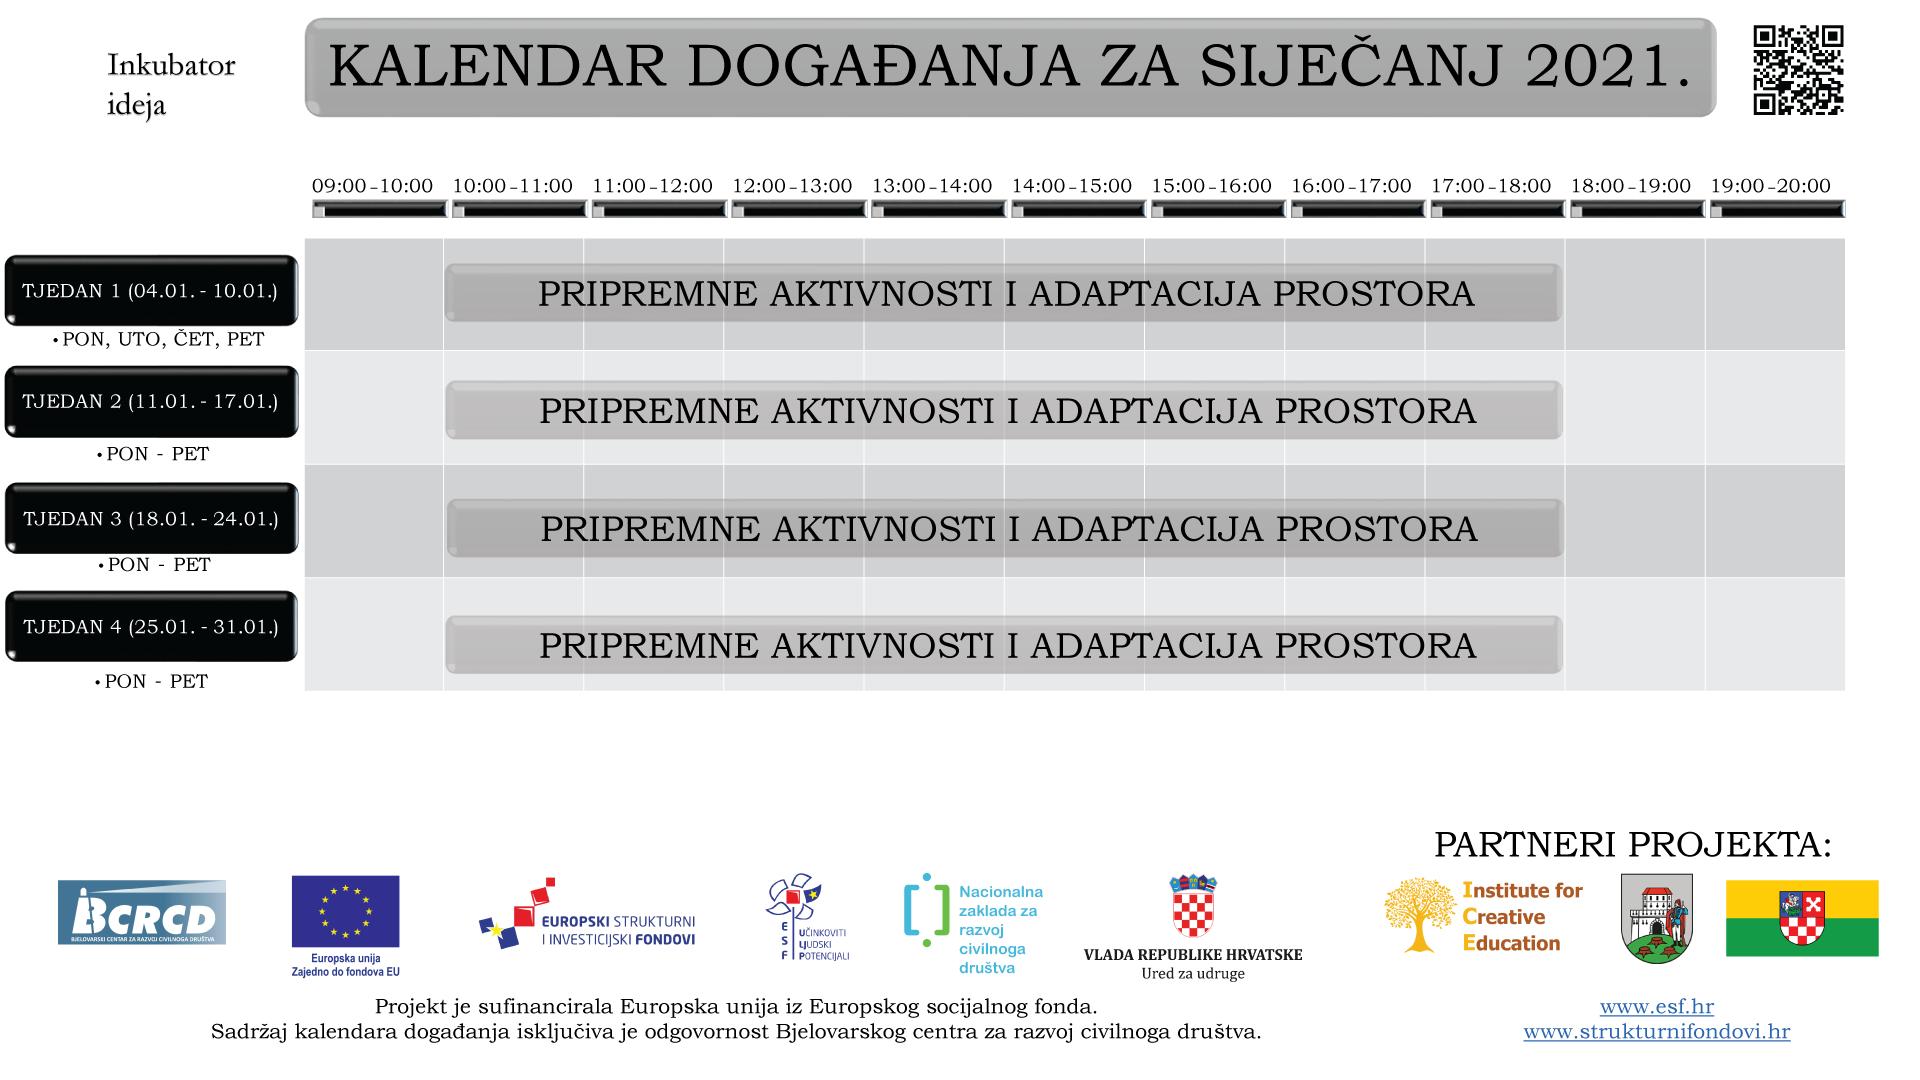 Kalendar događanja za siječanj 2021.